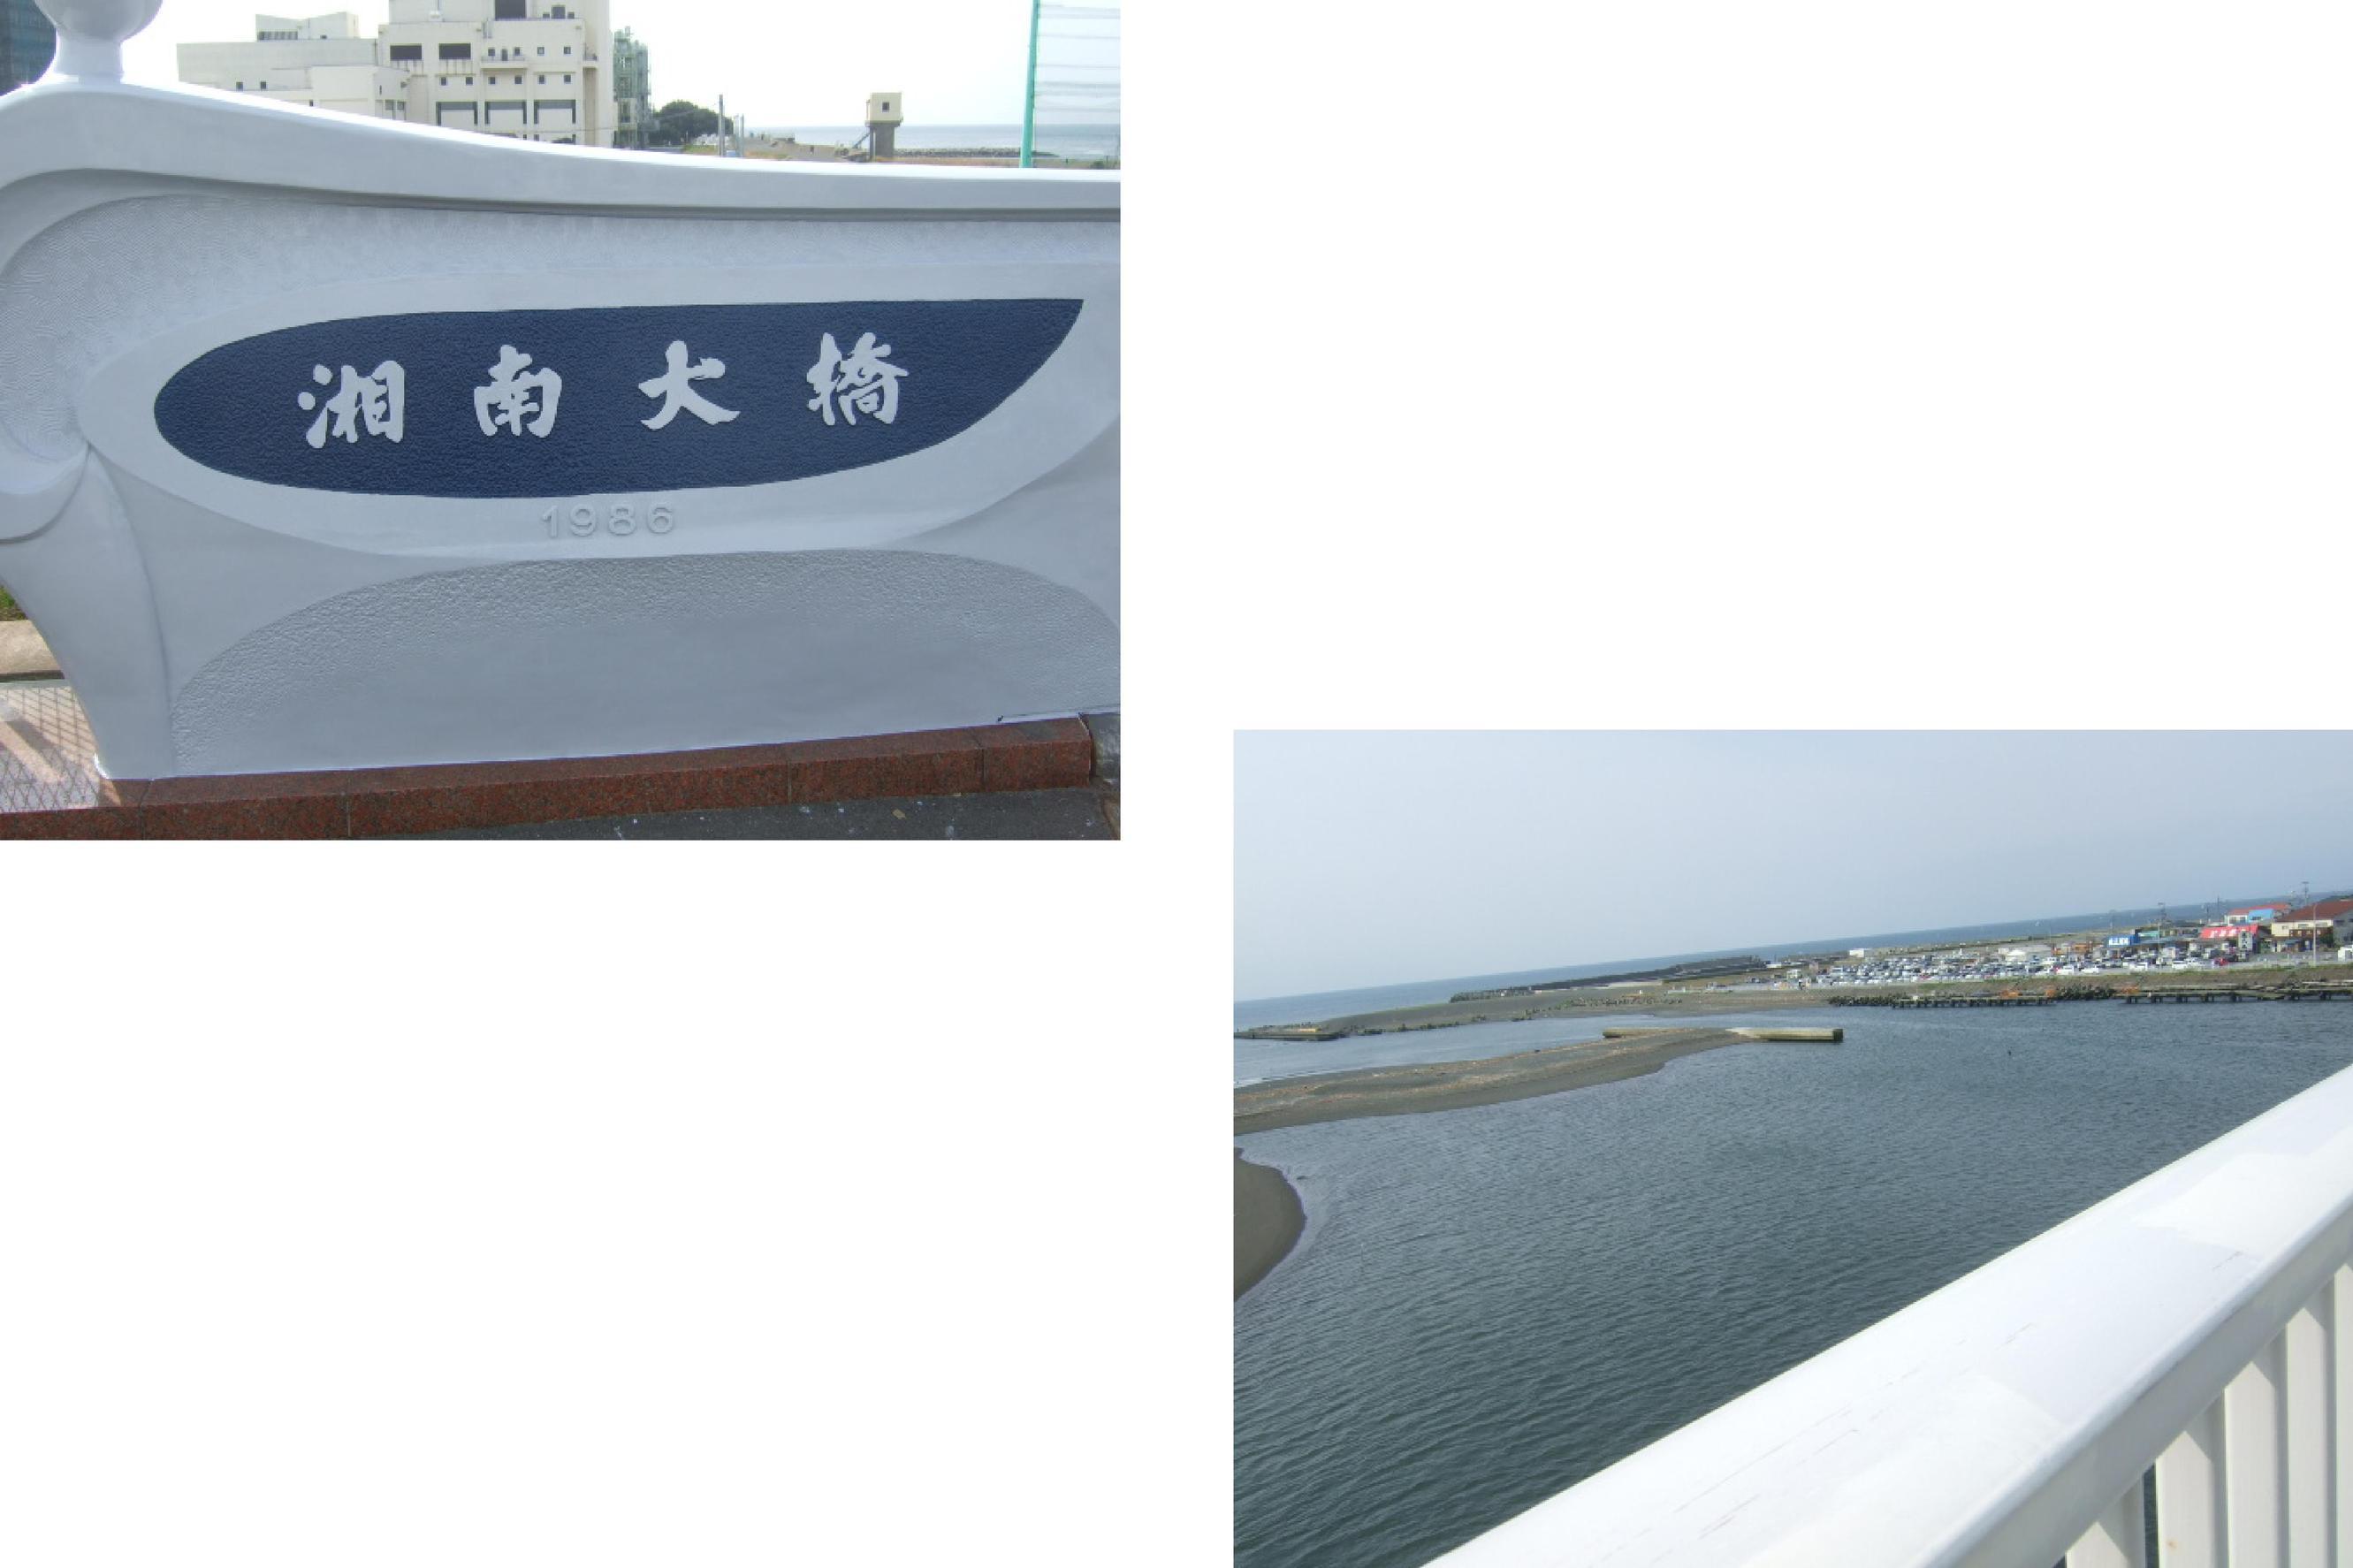 湘南大橋開通.....3月28日_b0137932_1415298.jpg